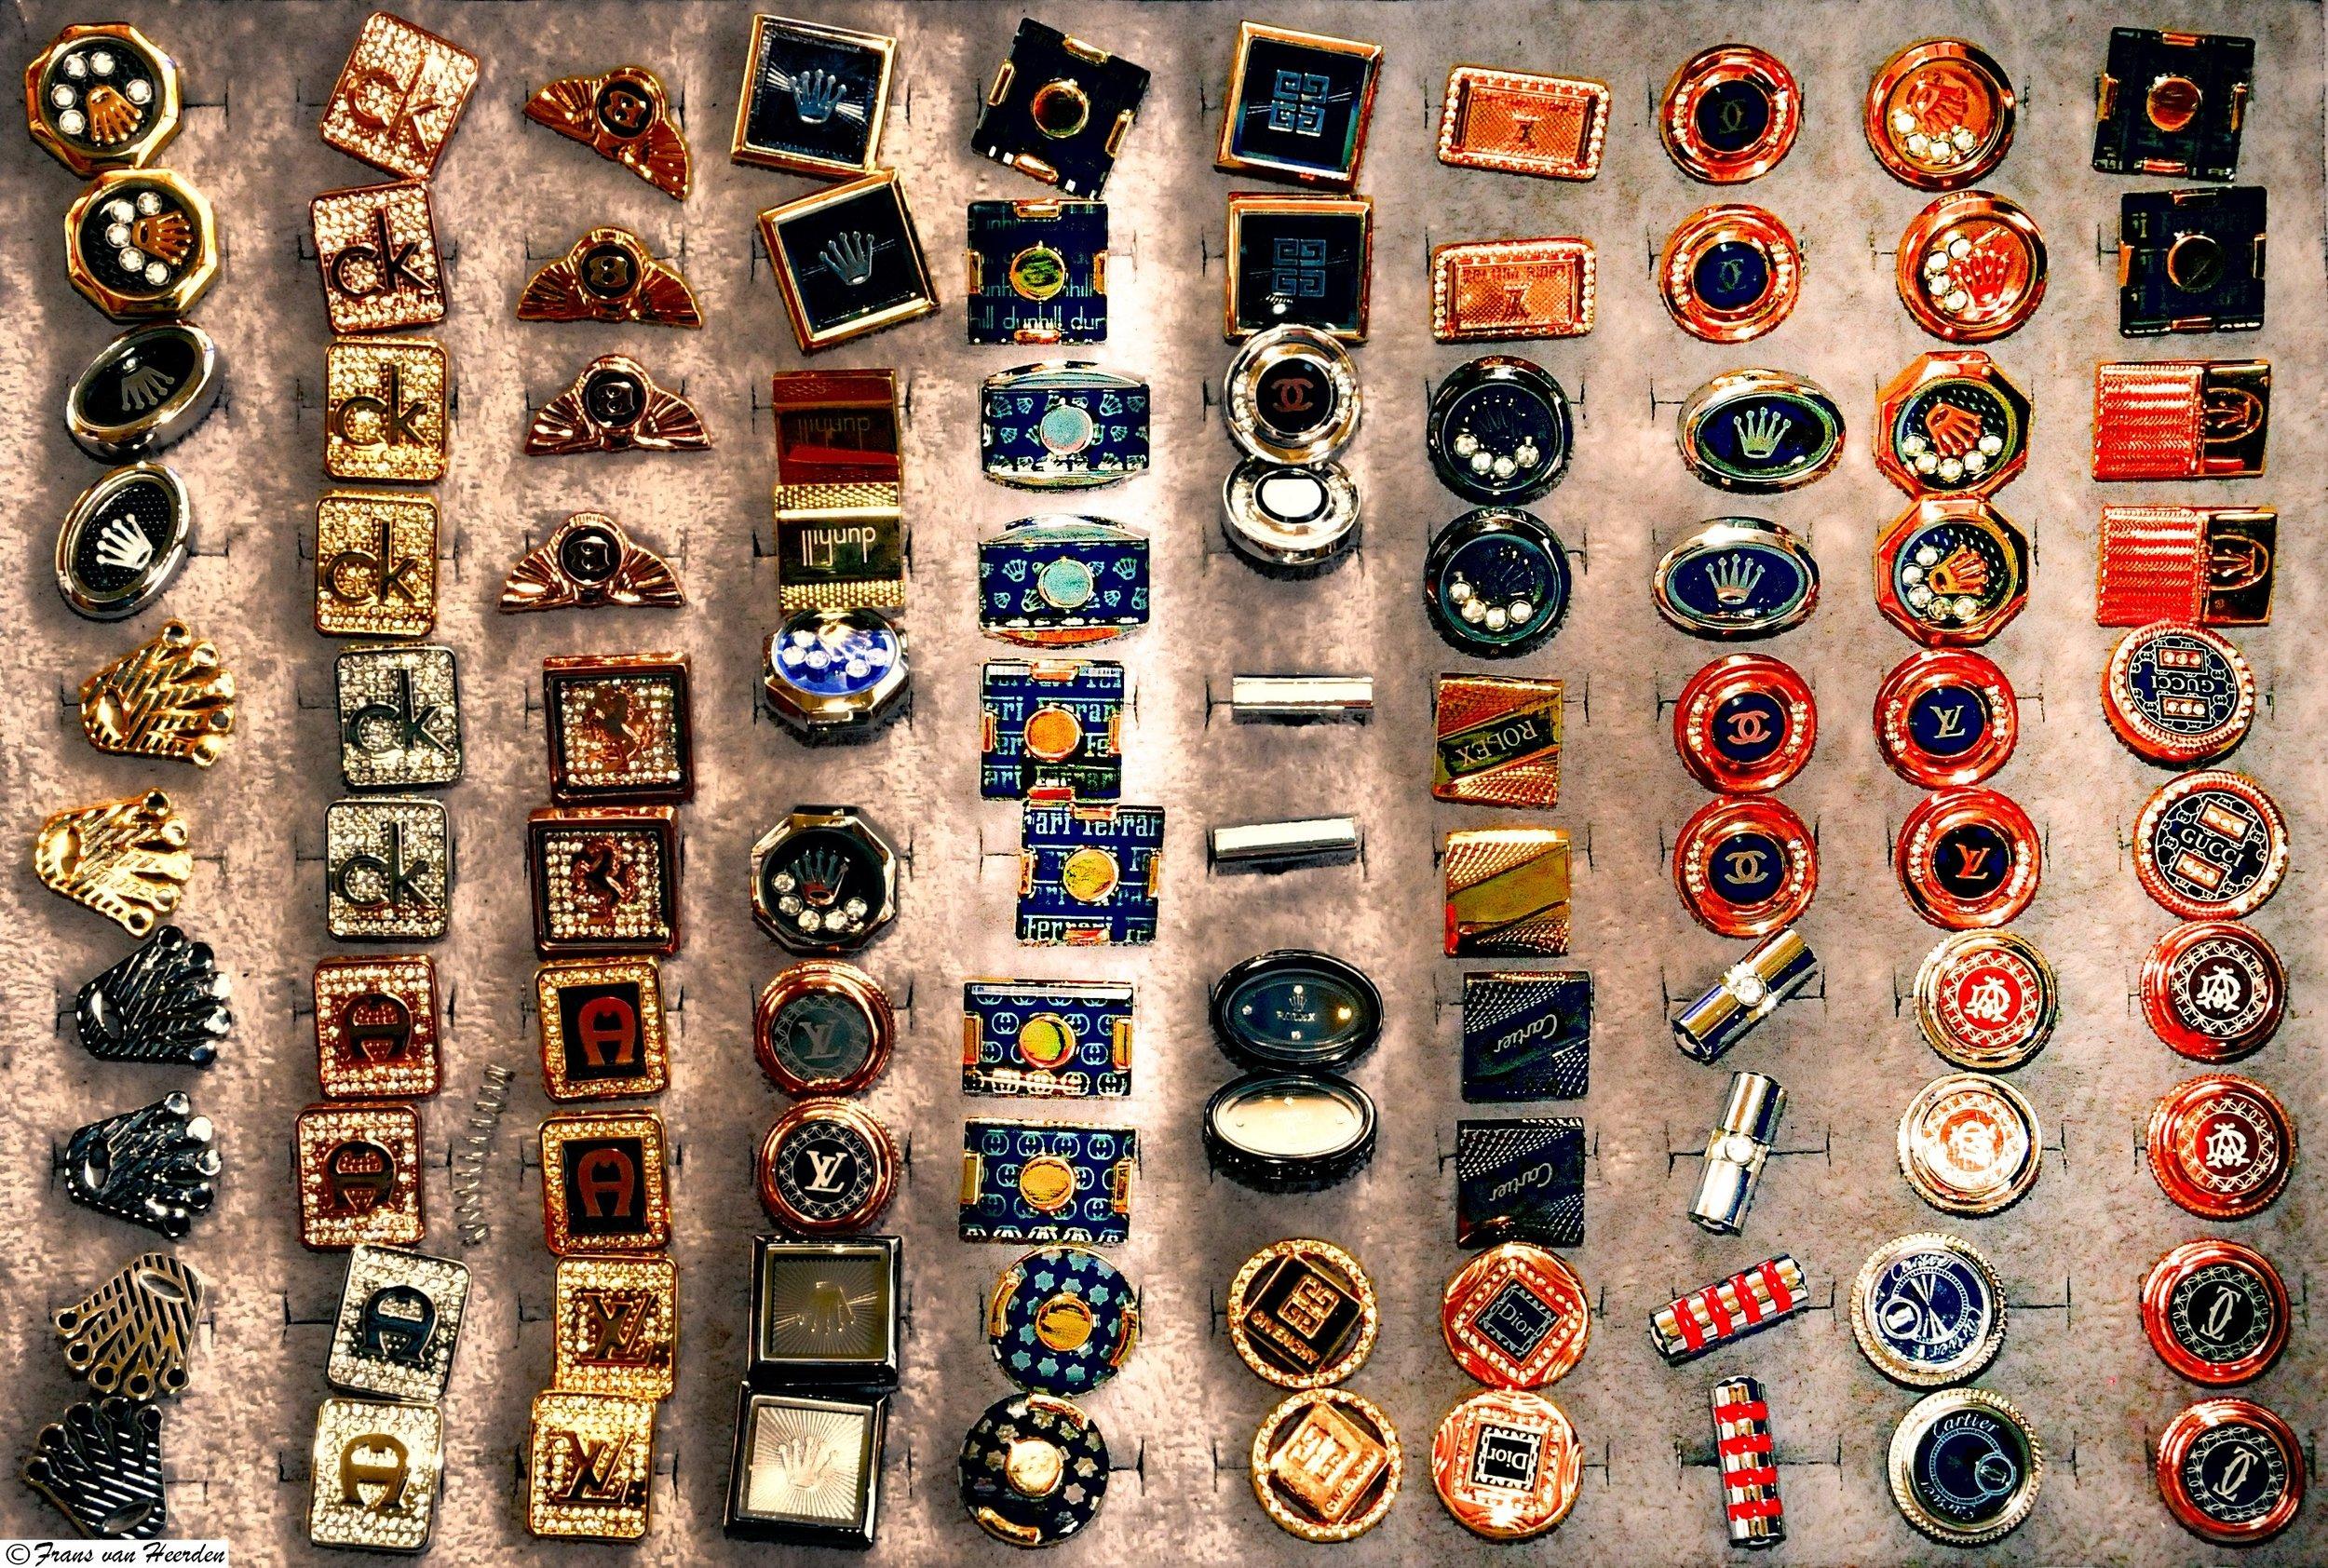 brands-buttons-cufflinks-631212.jpg